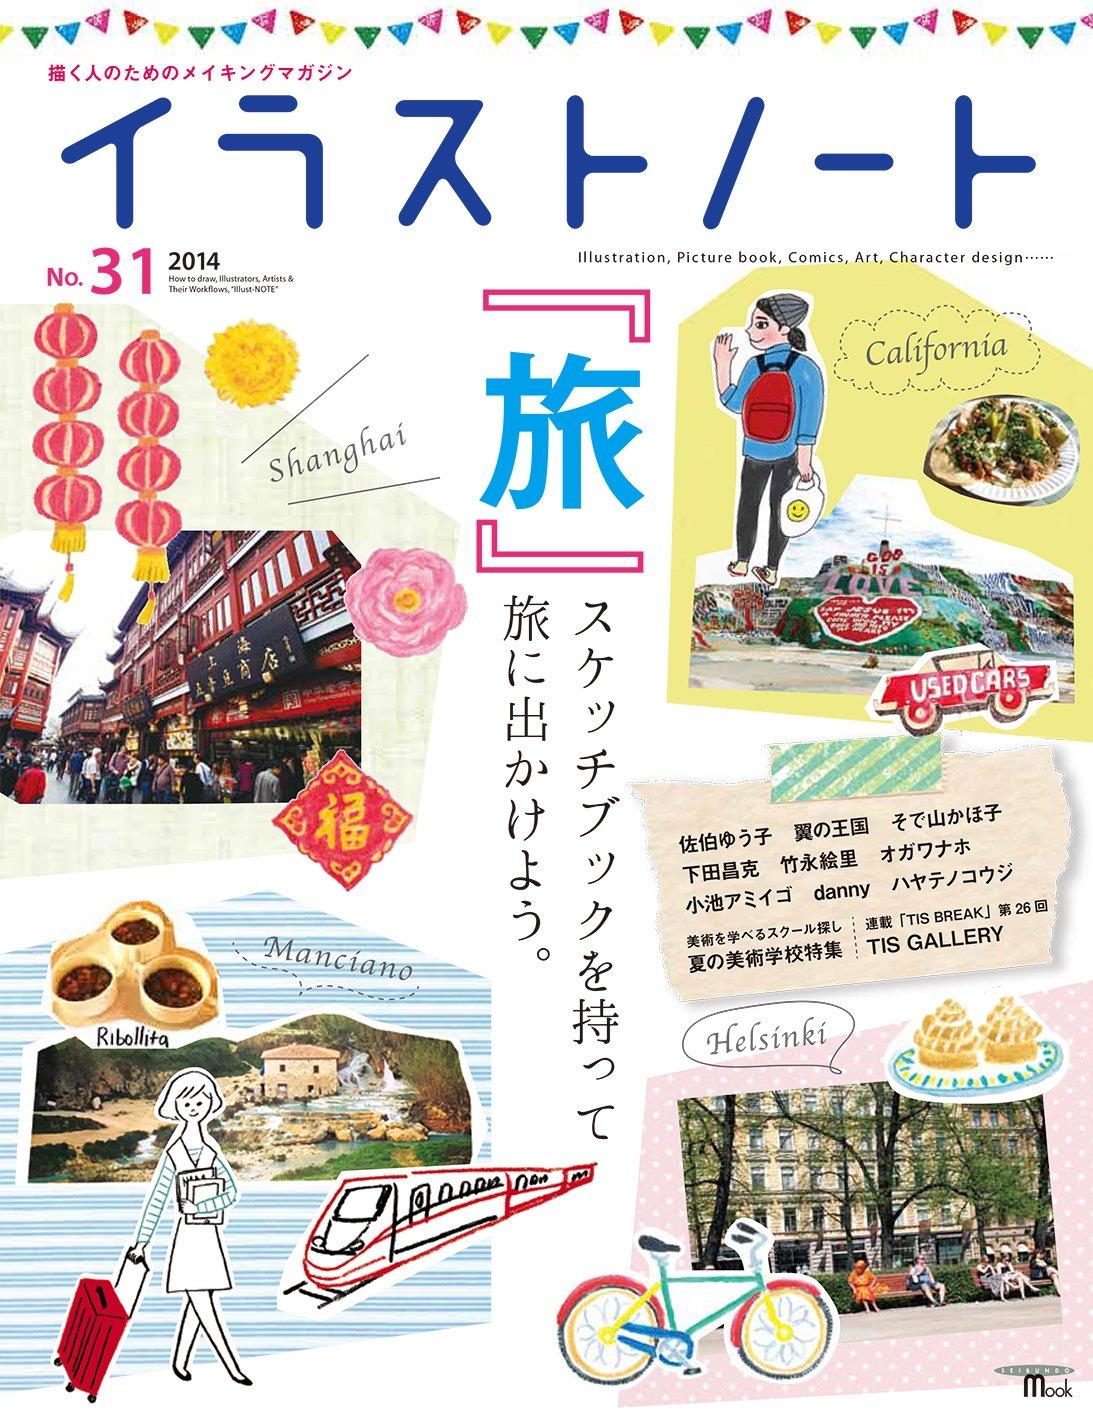 雑誌「イラストノート」 No.31